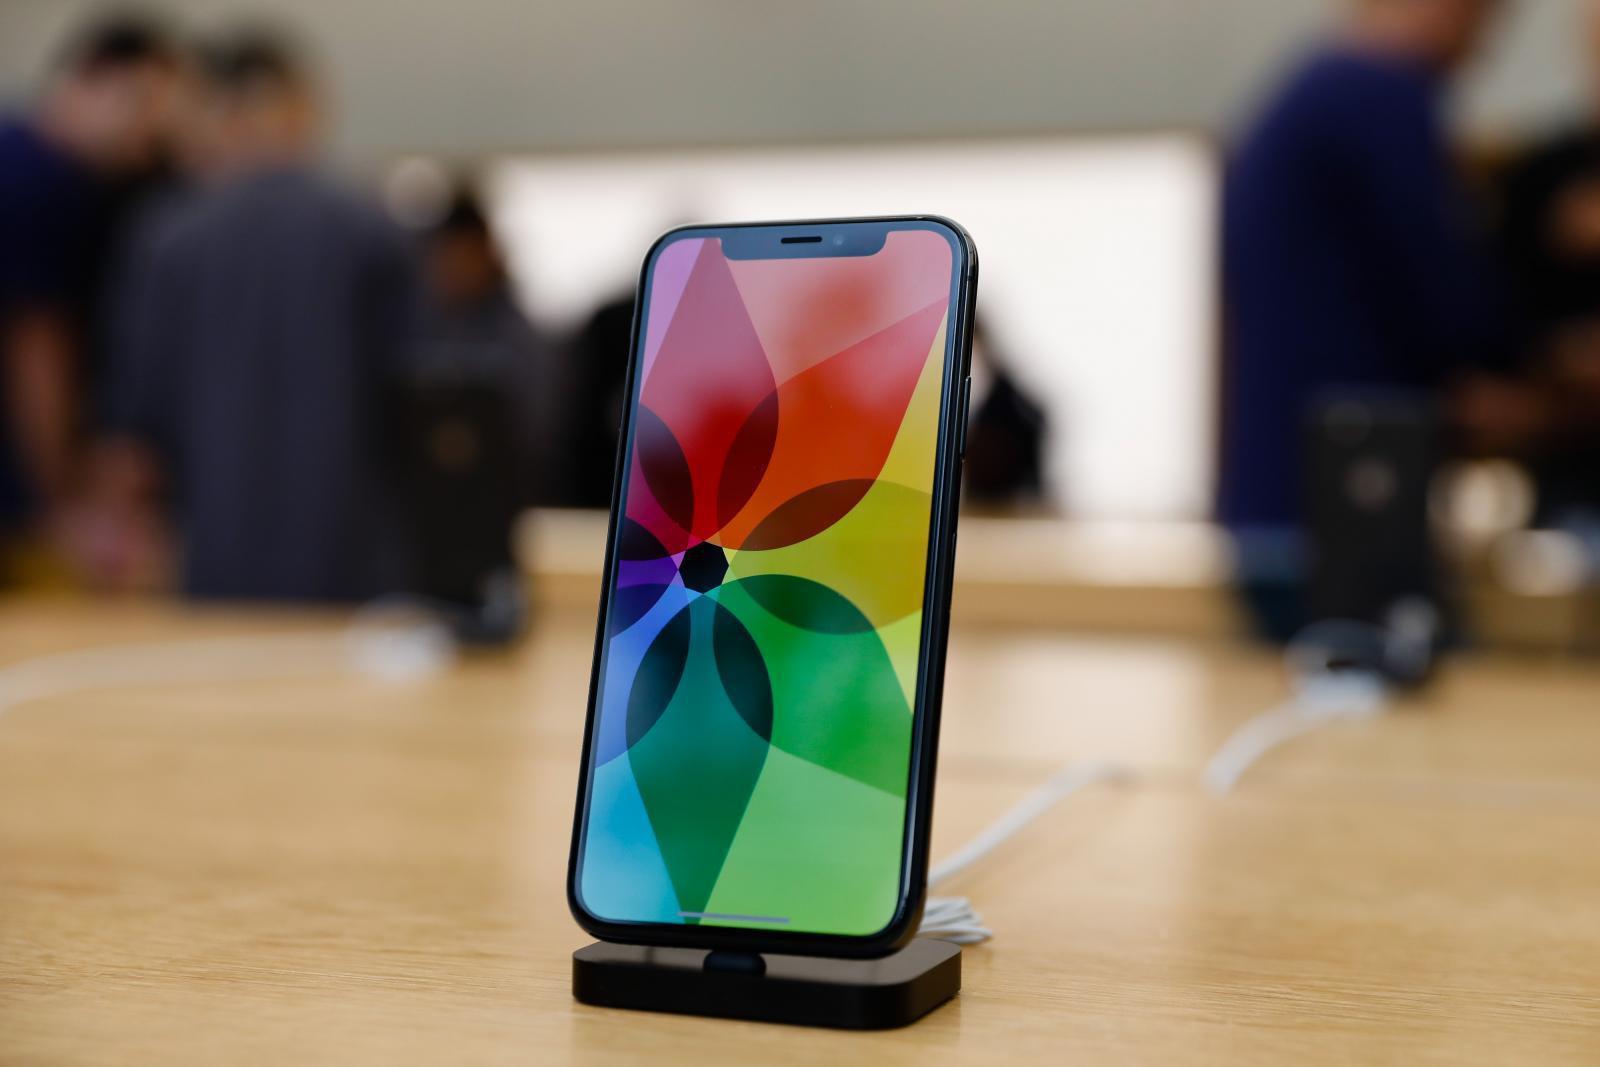 ไอโฟนรุ่นใหม่ดันกำไรซัมซุงจ่อทุบสถิติ